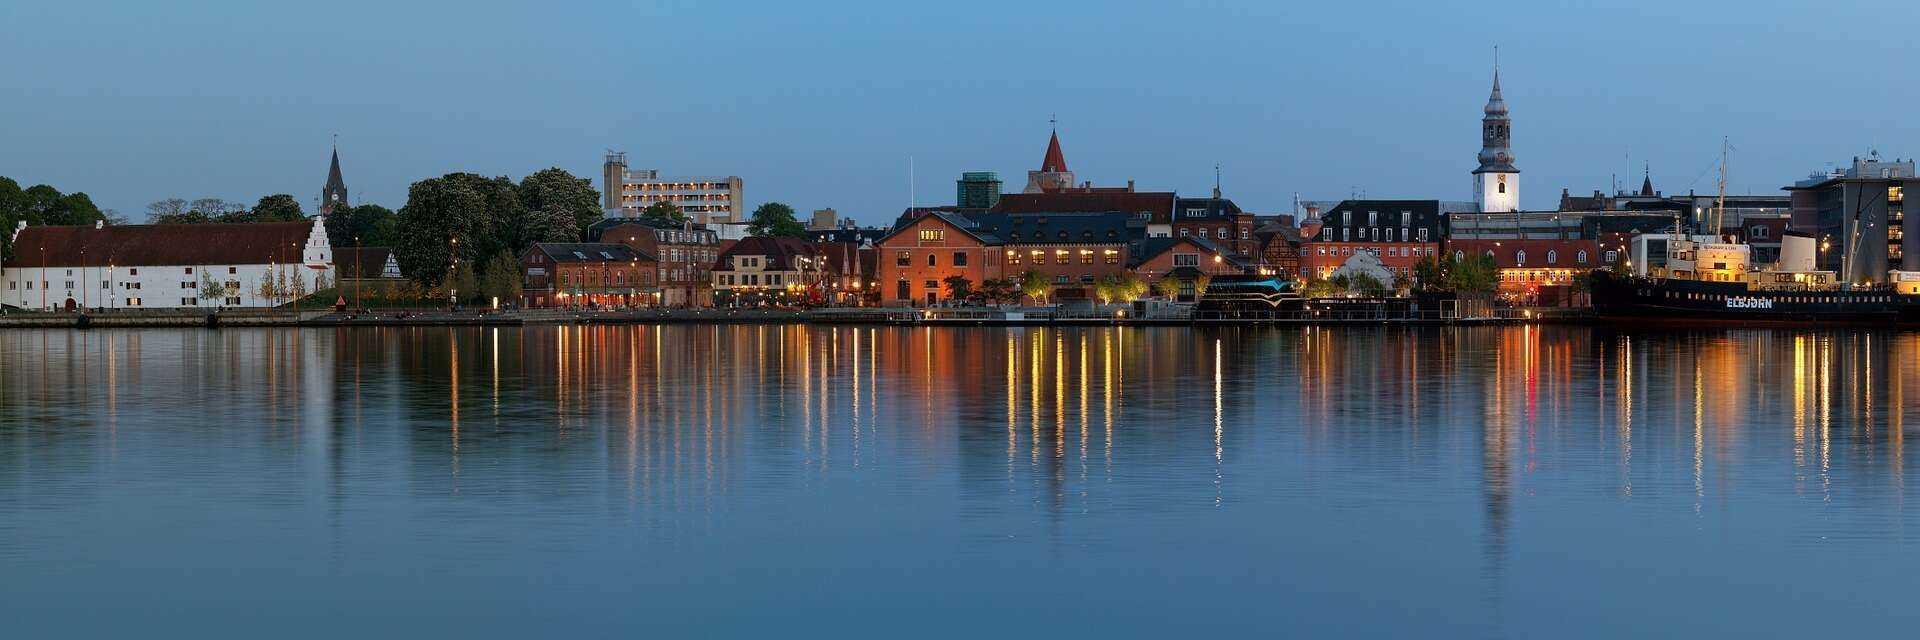 Direktflüge und Billigflüge nach Dänemark